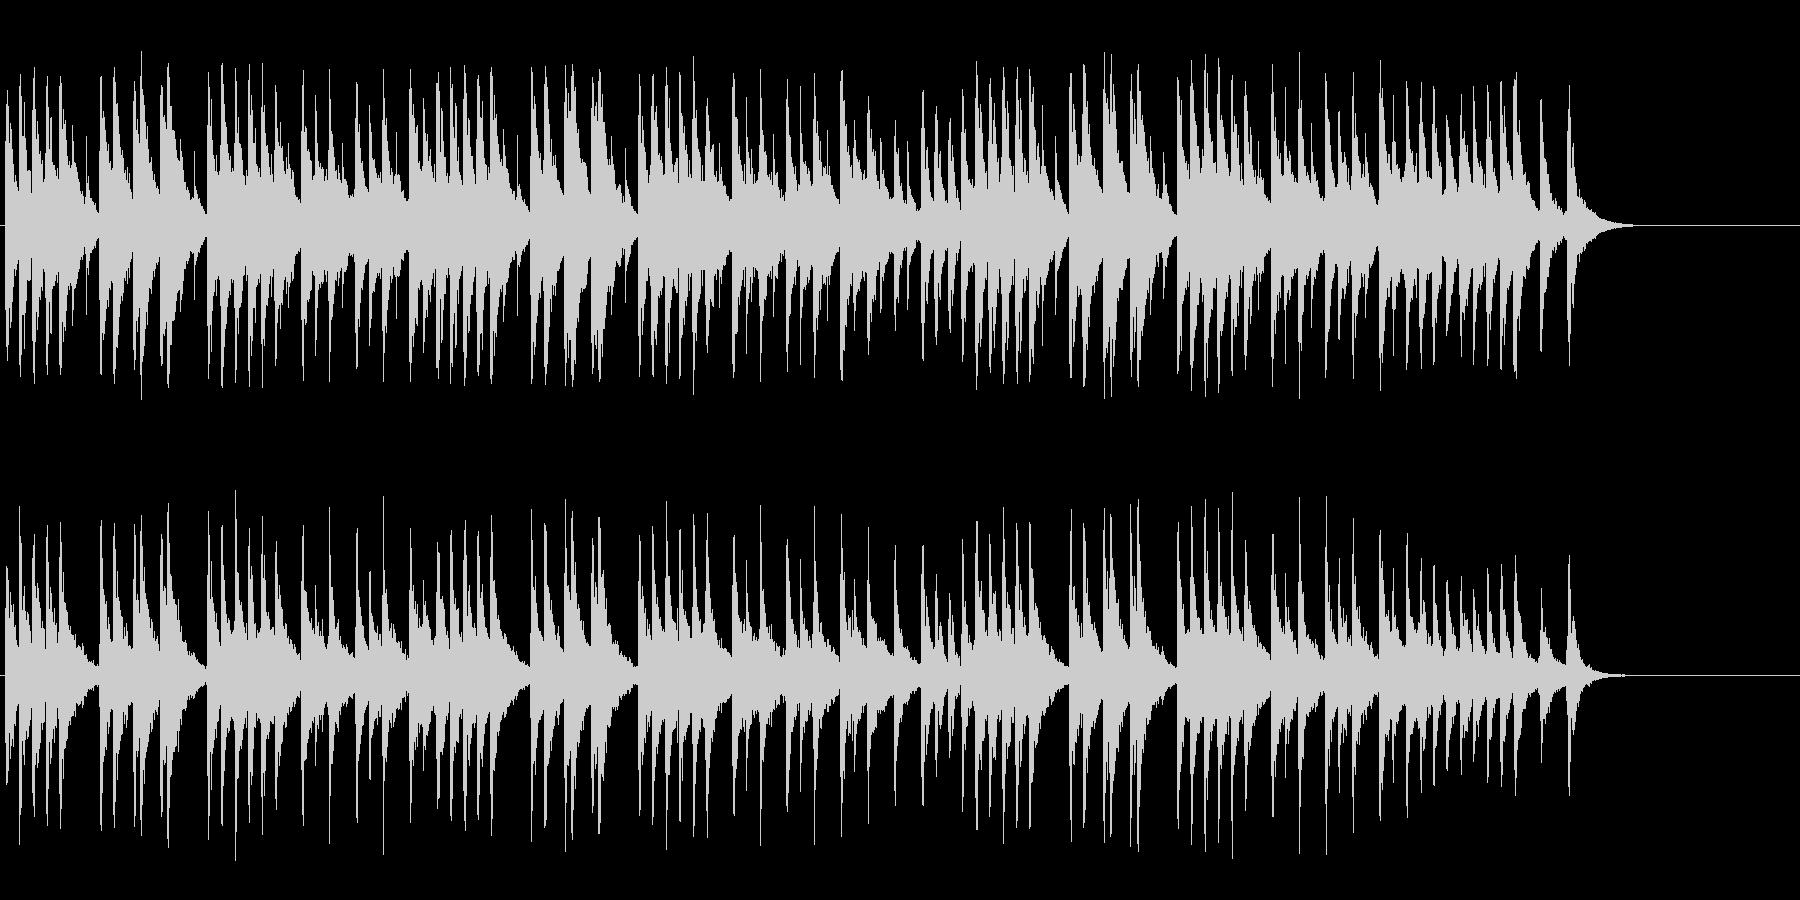 オルゴールがメルヘンへと誘う神秘的なBGの未再生の波形